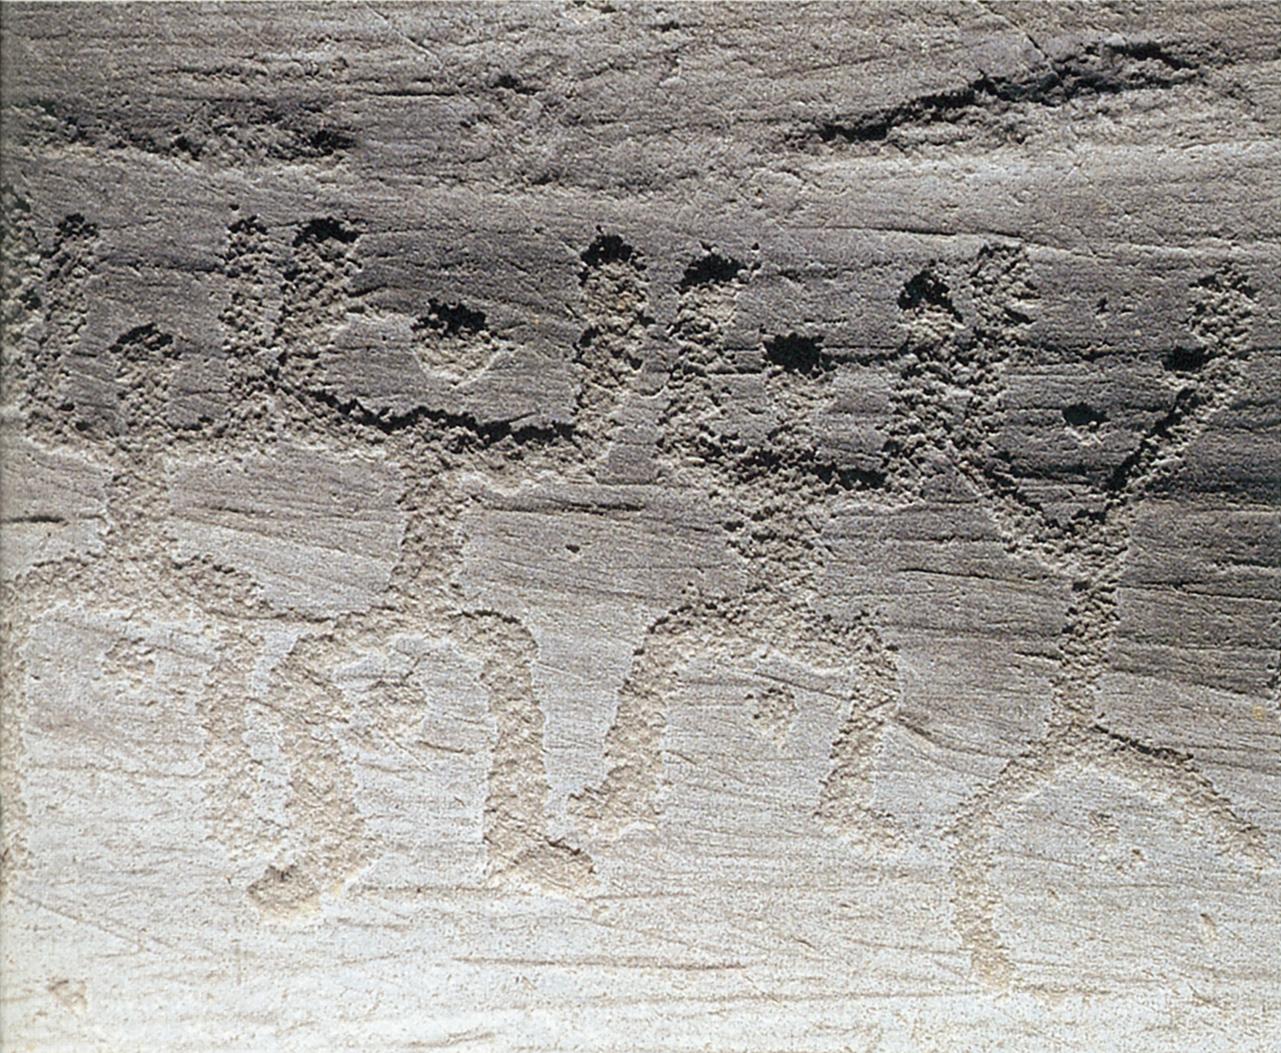 Incontri arte rupestre